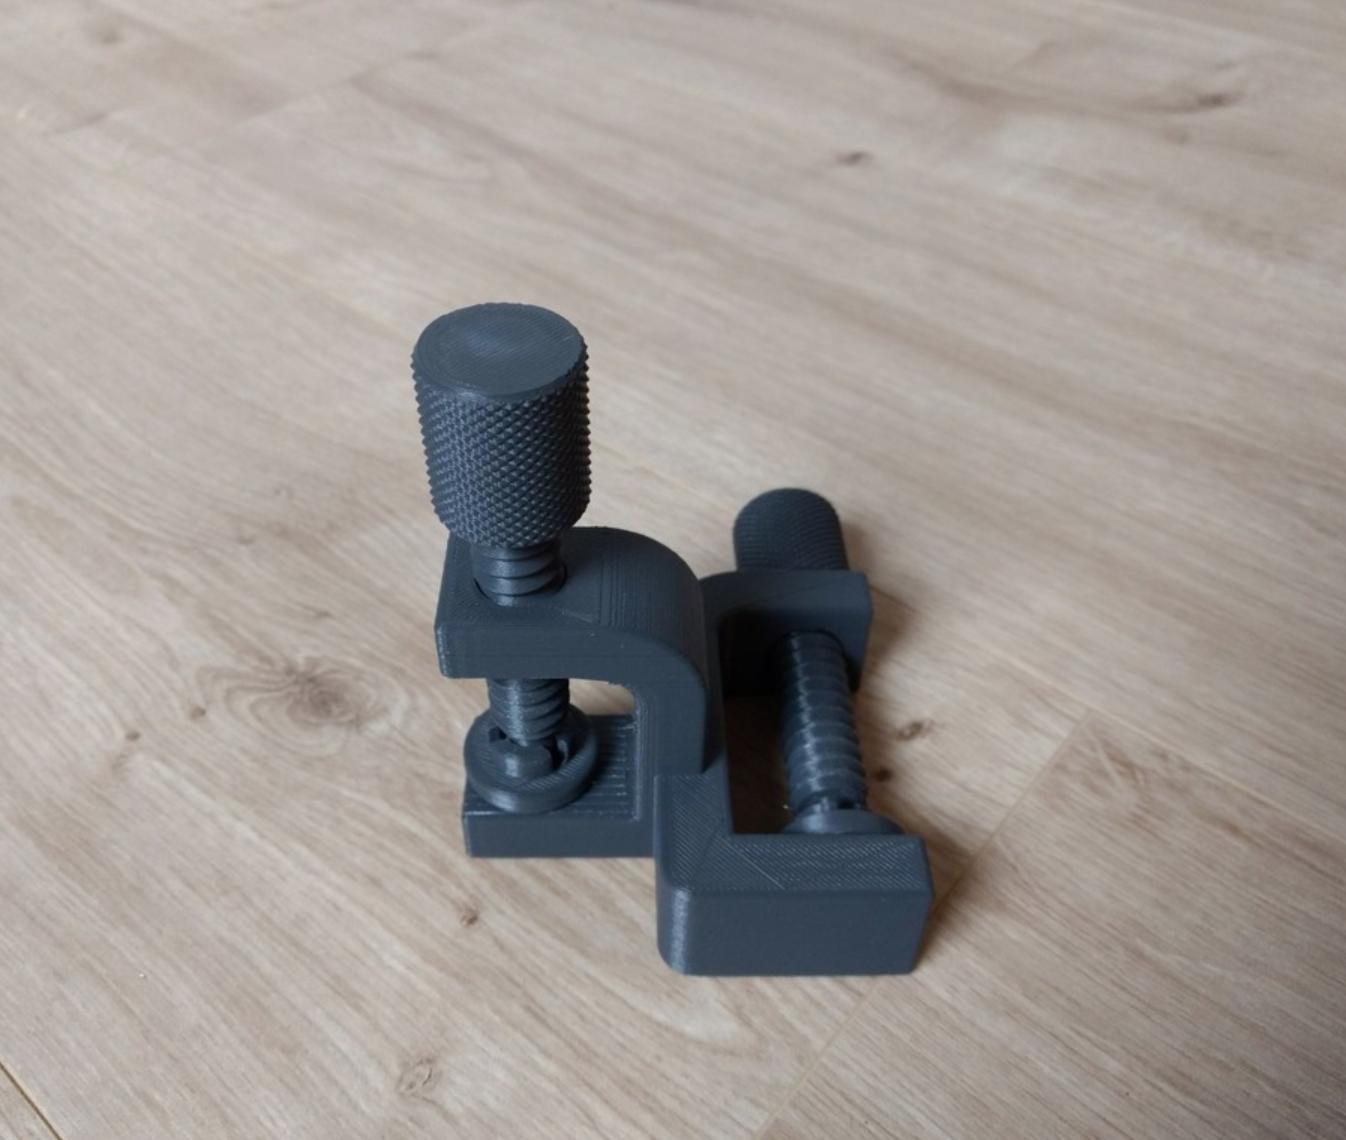 Capture d'écran 2018-01-02 à 18.18.24.png Download free STL file Double Clamp • 3D printable design, Julien_DaCosta